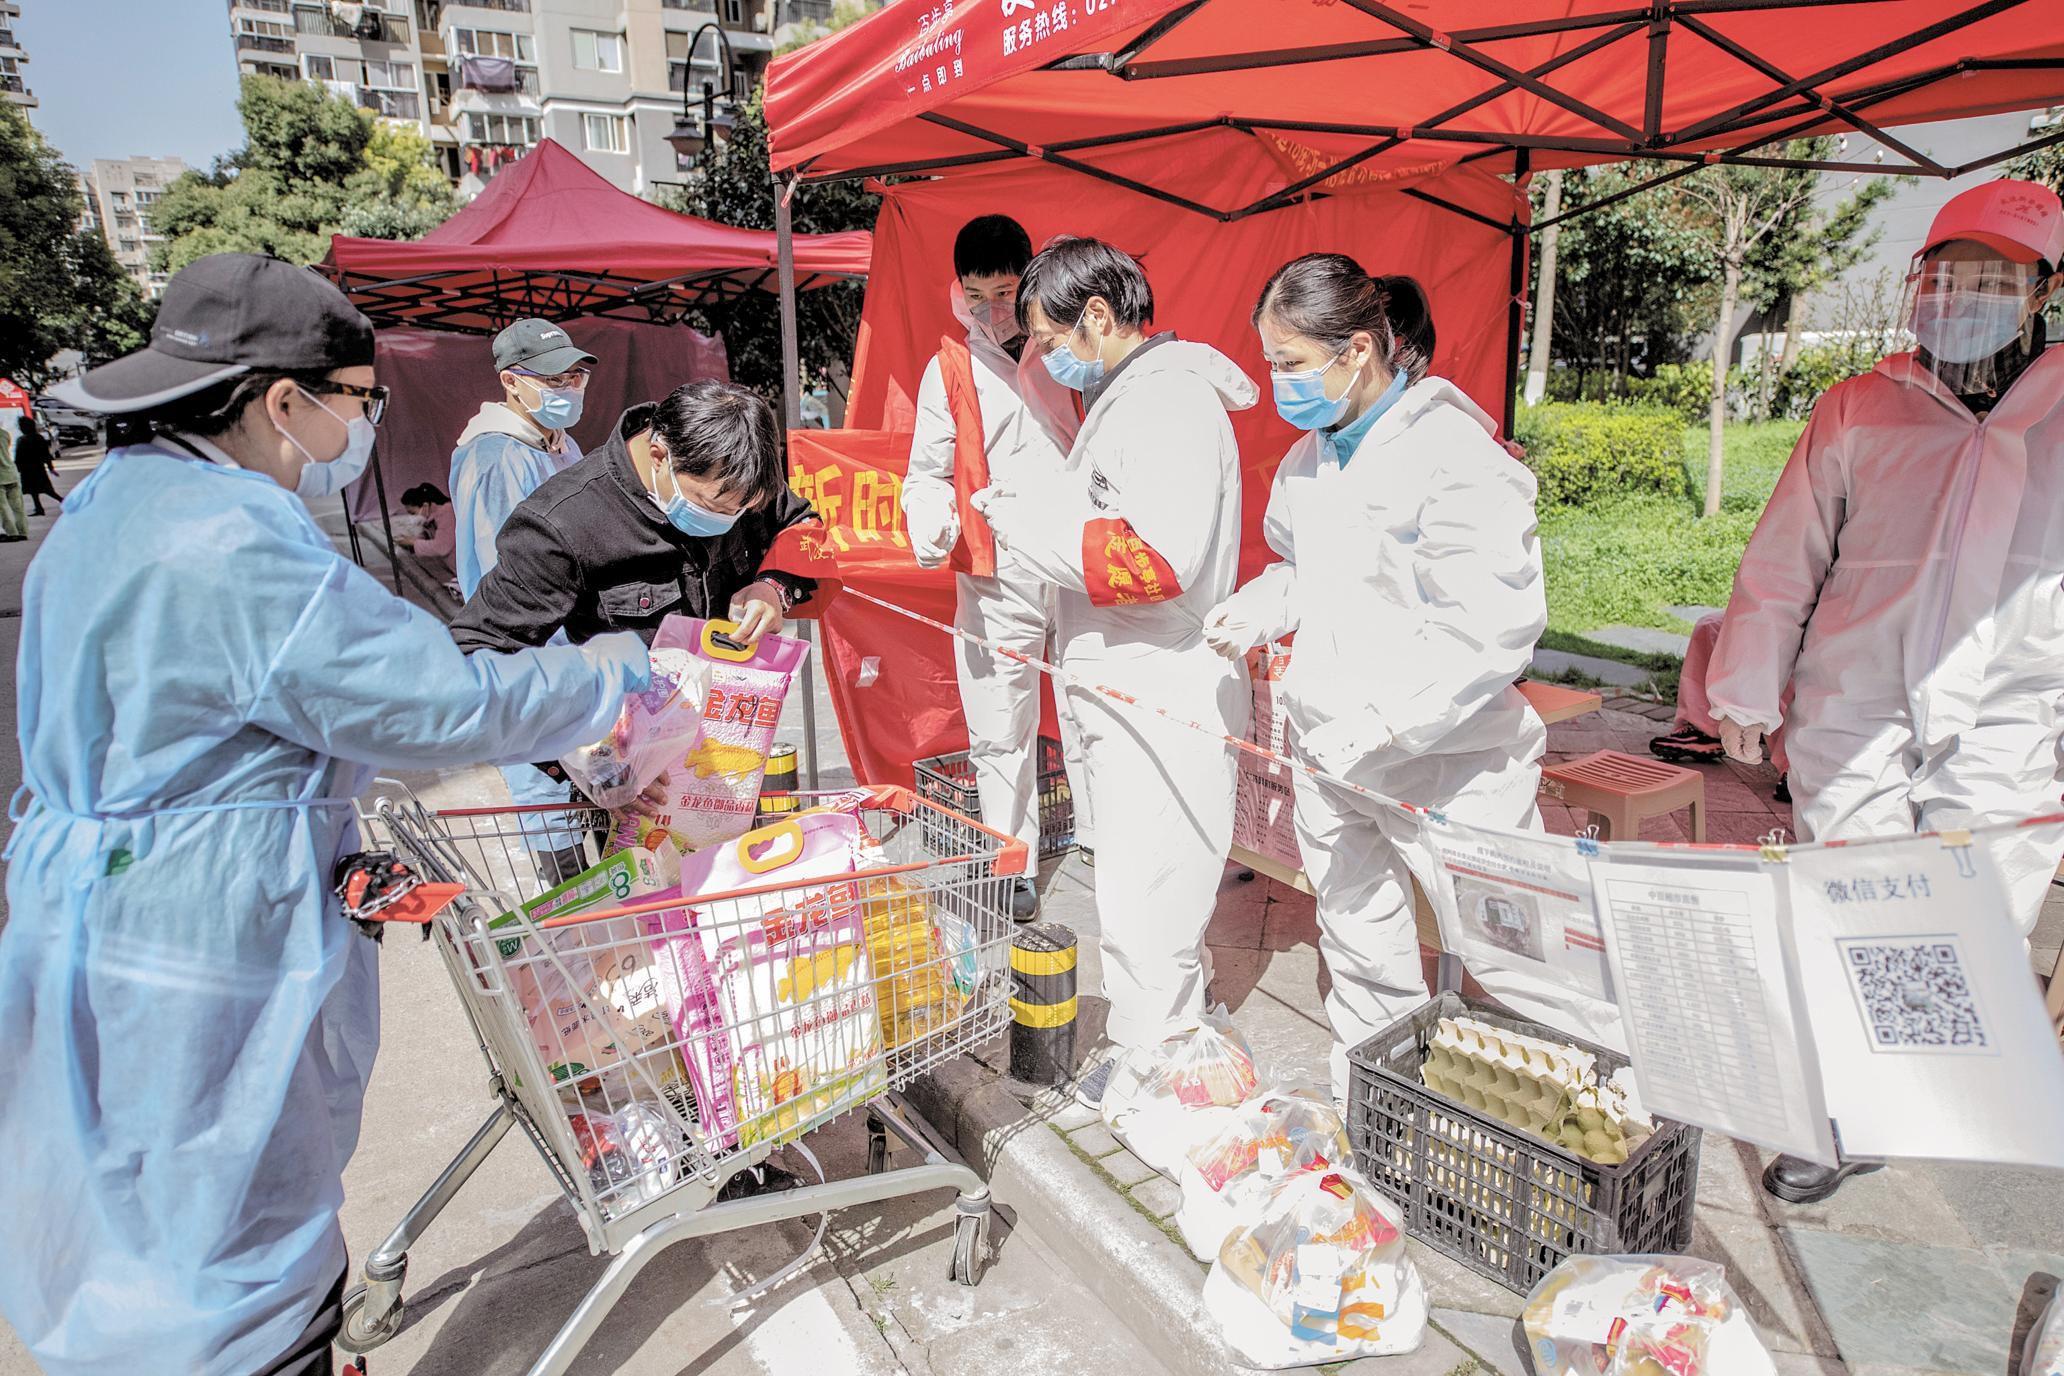 武汉保卫战中英雄的人民:人在城在 不胜不休